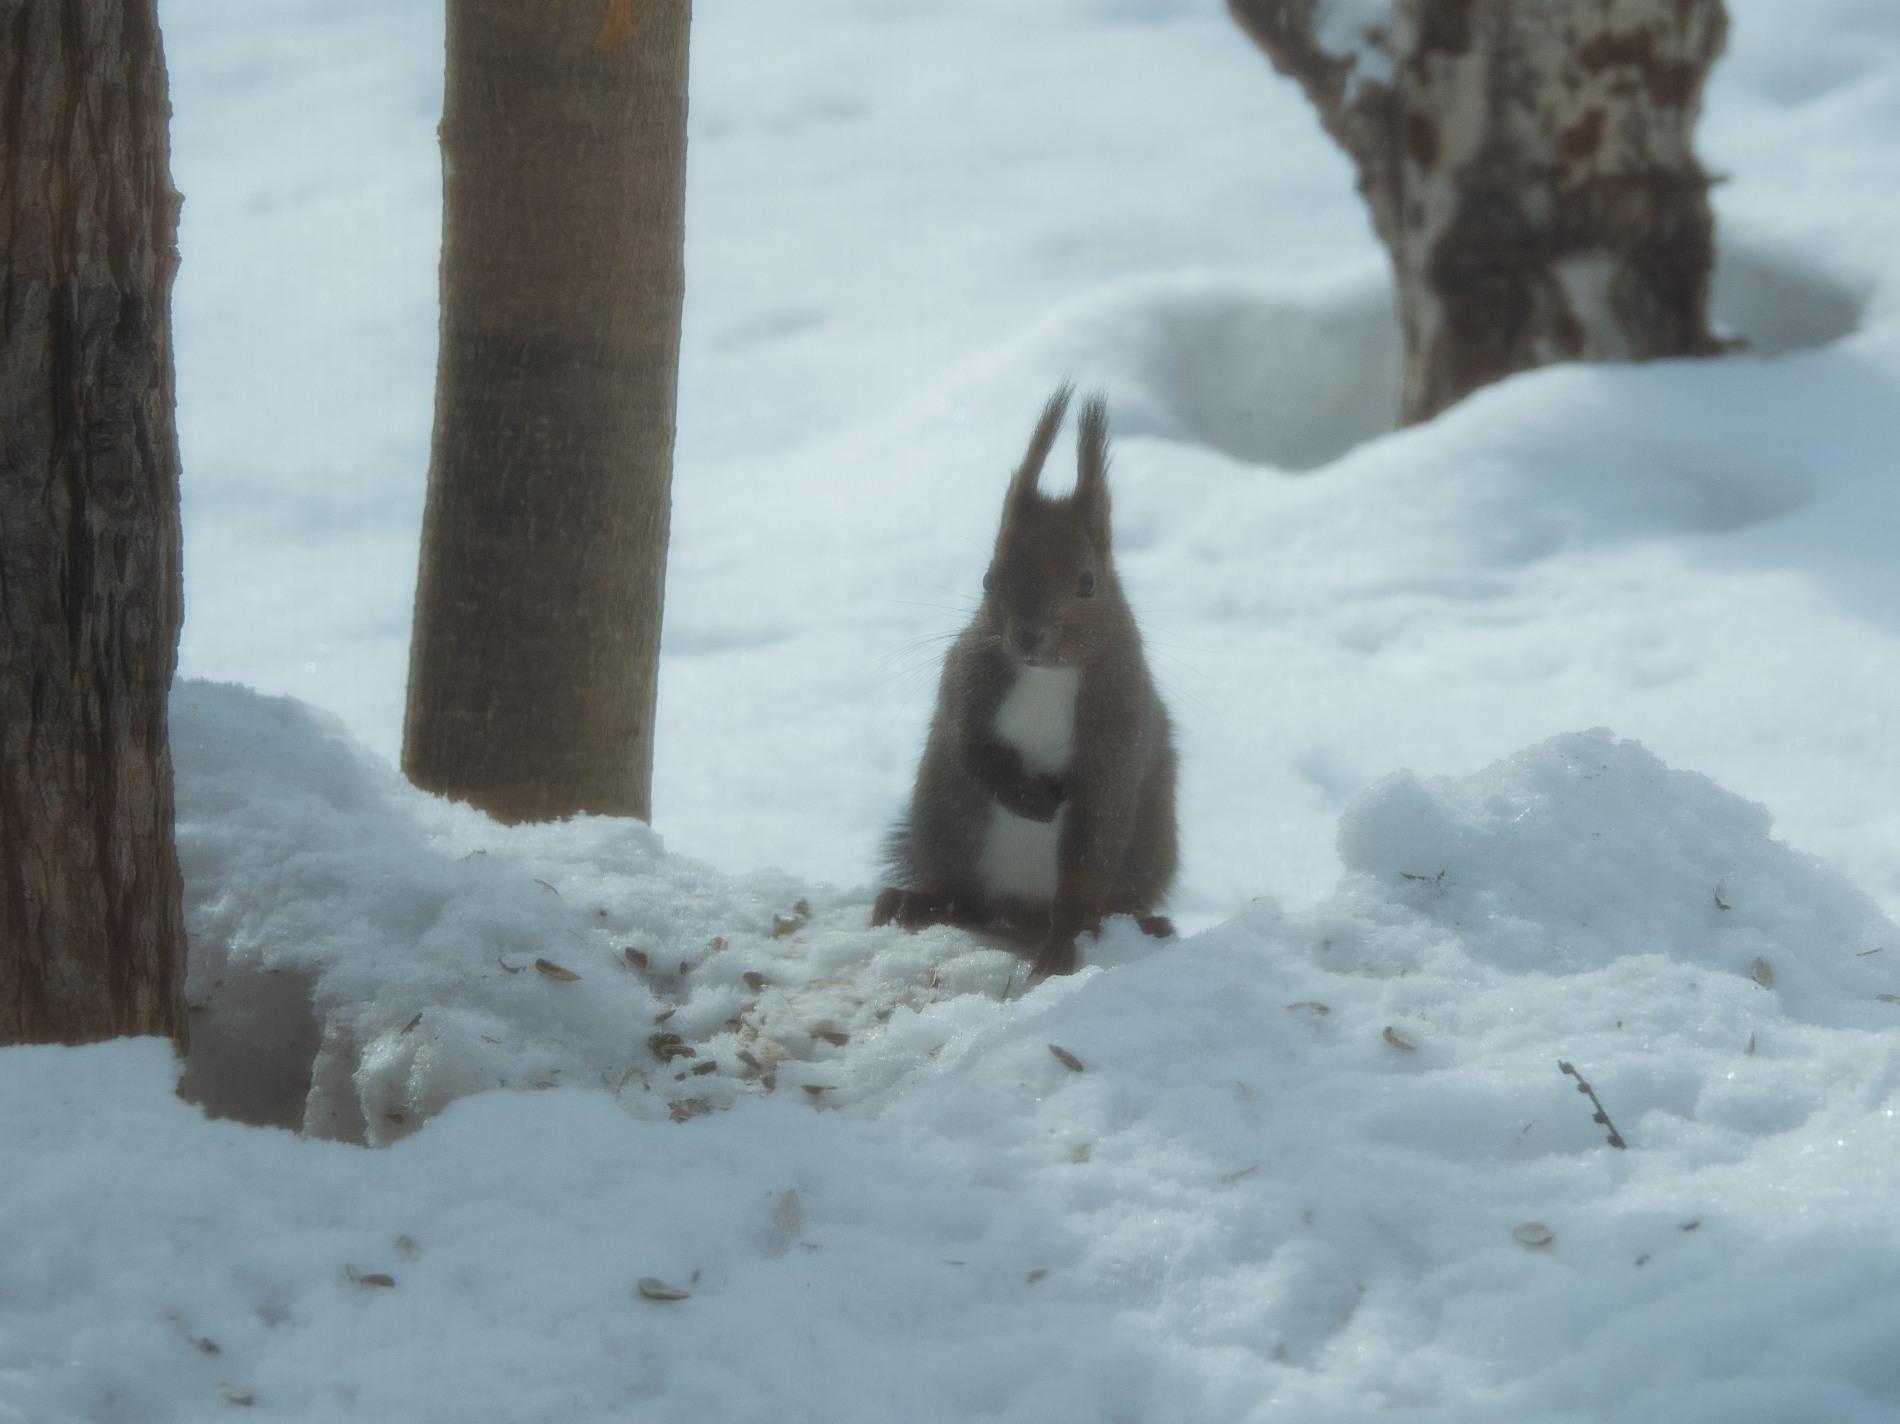 雪どけが進む3月後半・・シメの大群が去ってからエゾリス君_f0276498_00213643.jpg